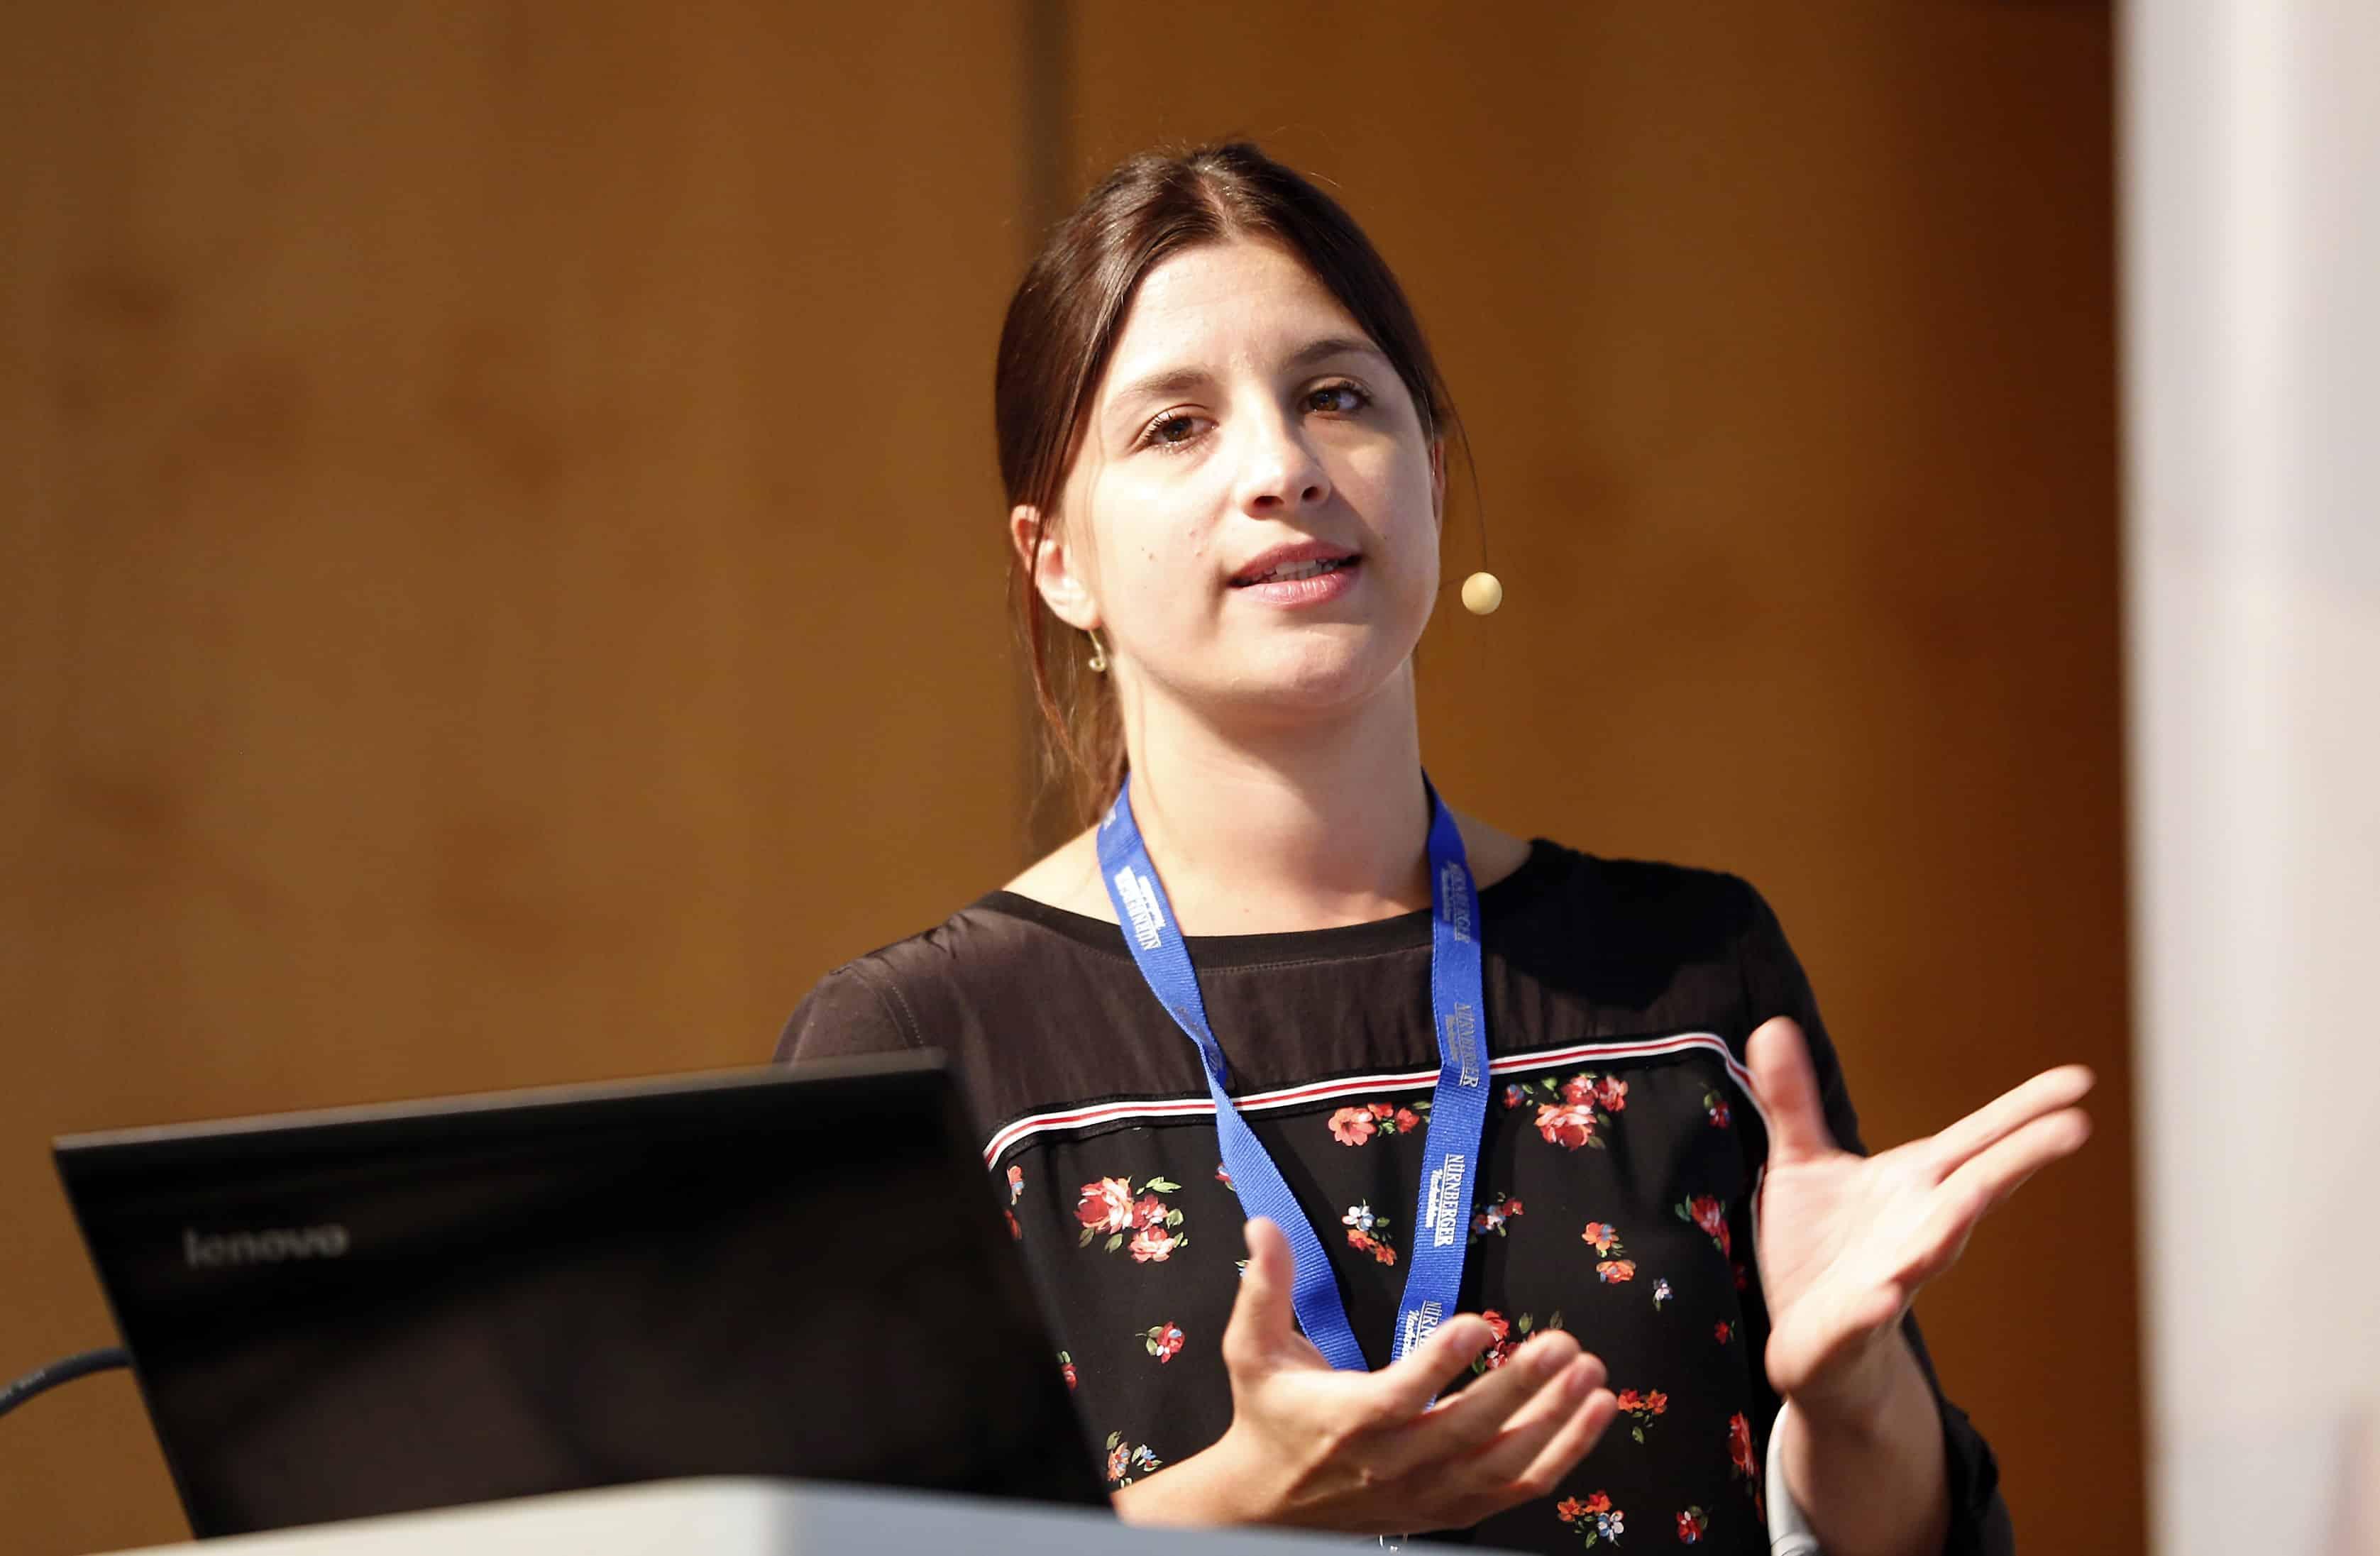 Corinna Igler, Mediengruppe Oberfranken